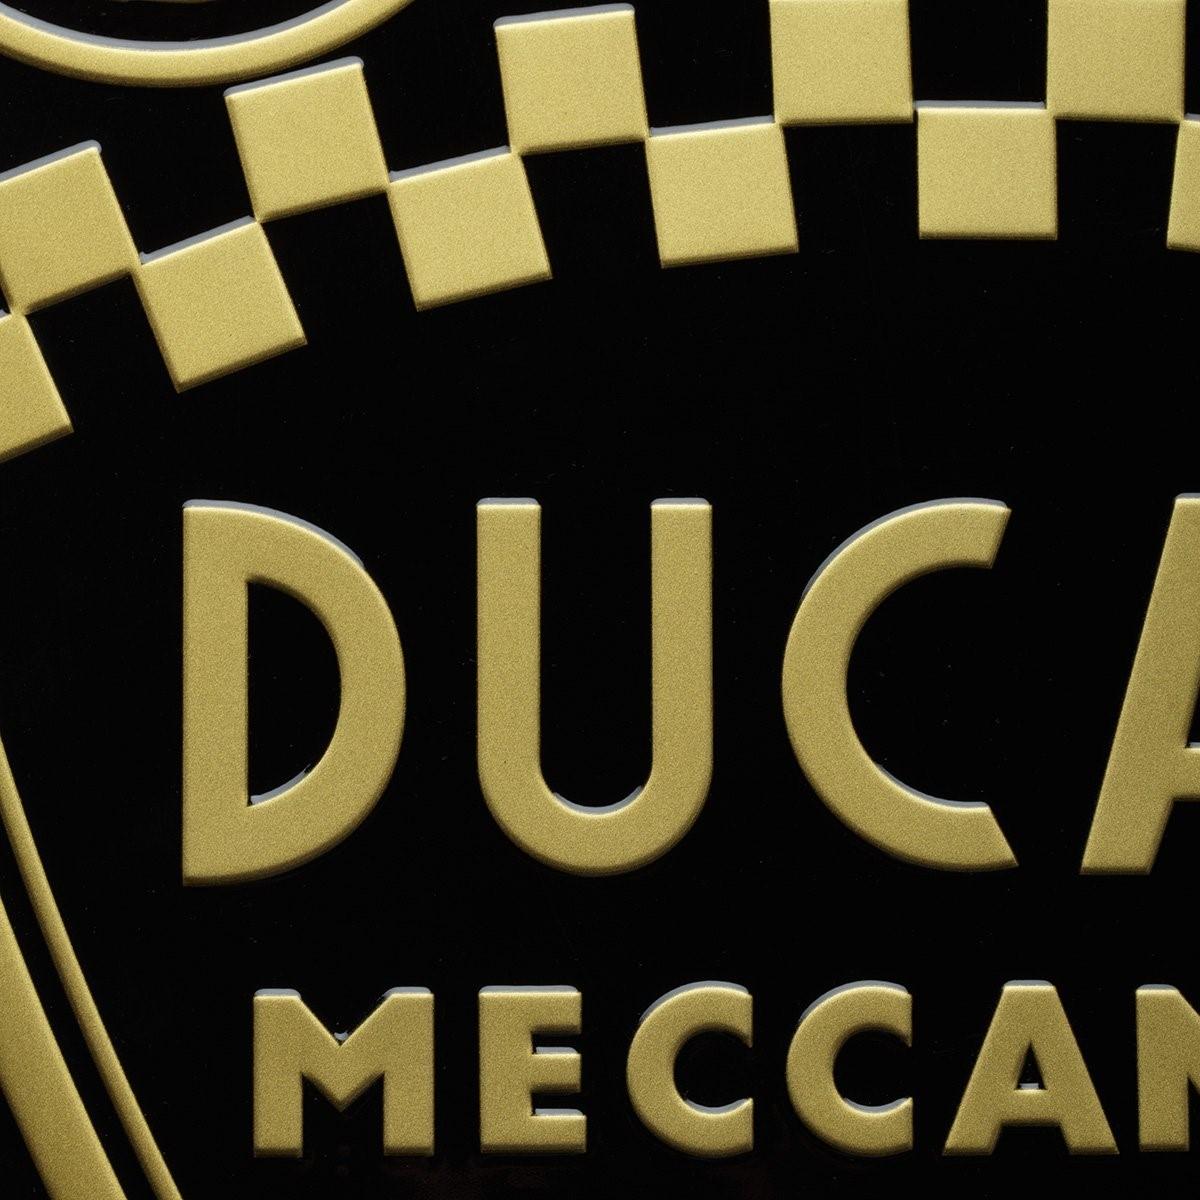 【DUCATI performance】Shield 金屬徽章 - 「Webike-摩托百貨」